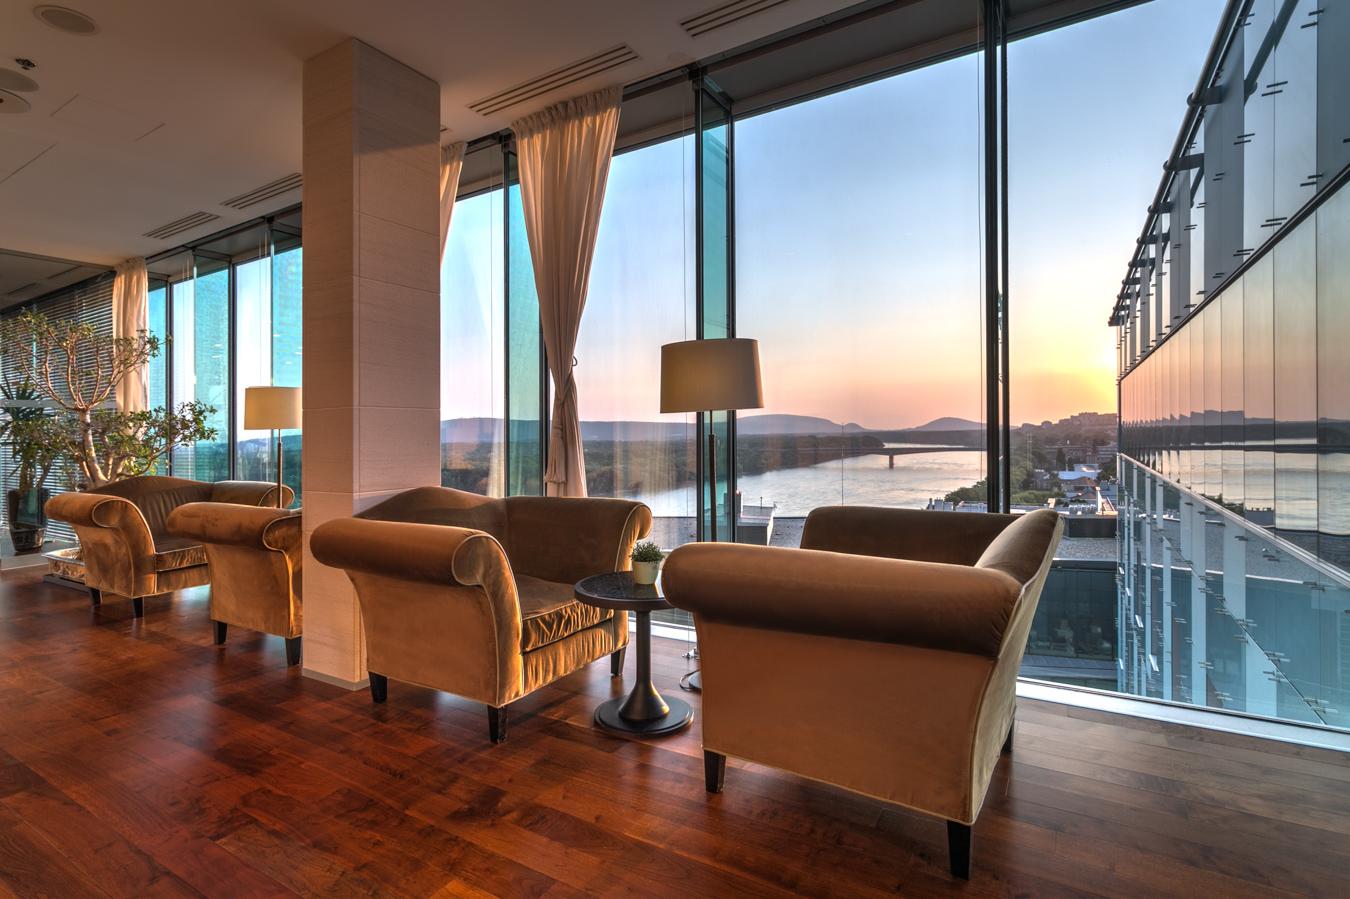 GRAND HOTEL RIVER PARK, BRATISLAVA, Γιώργος Φάκαρος - Αρχιτεκτονική Φωτογραφία | Εσωτερικοί Χώροι | Φωτογραφία Ξενοδοχειών - Photography / Φωτογραφία